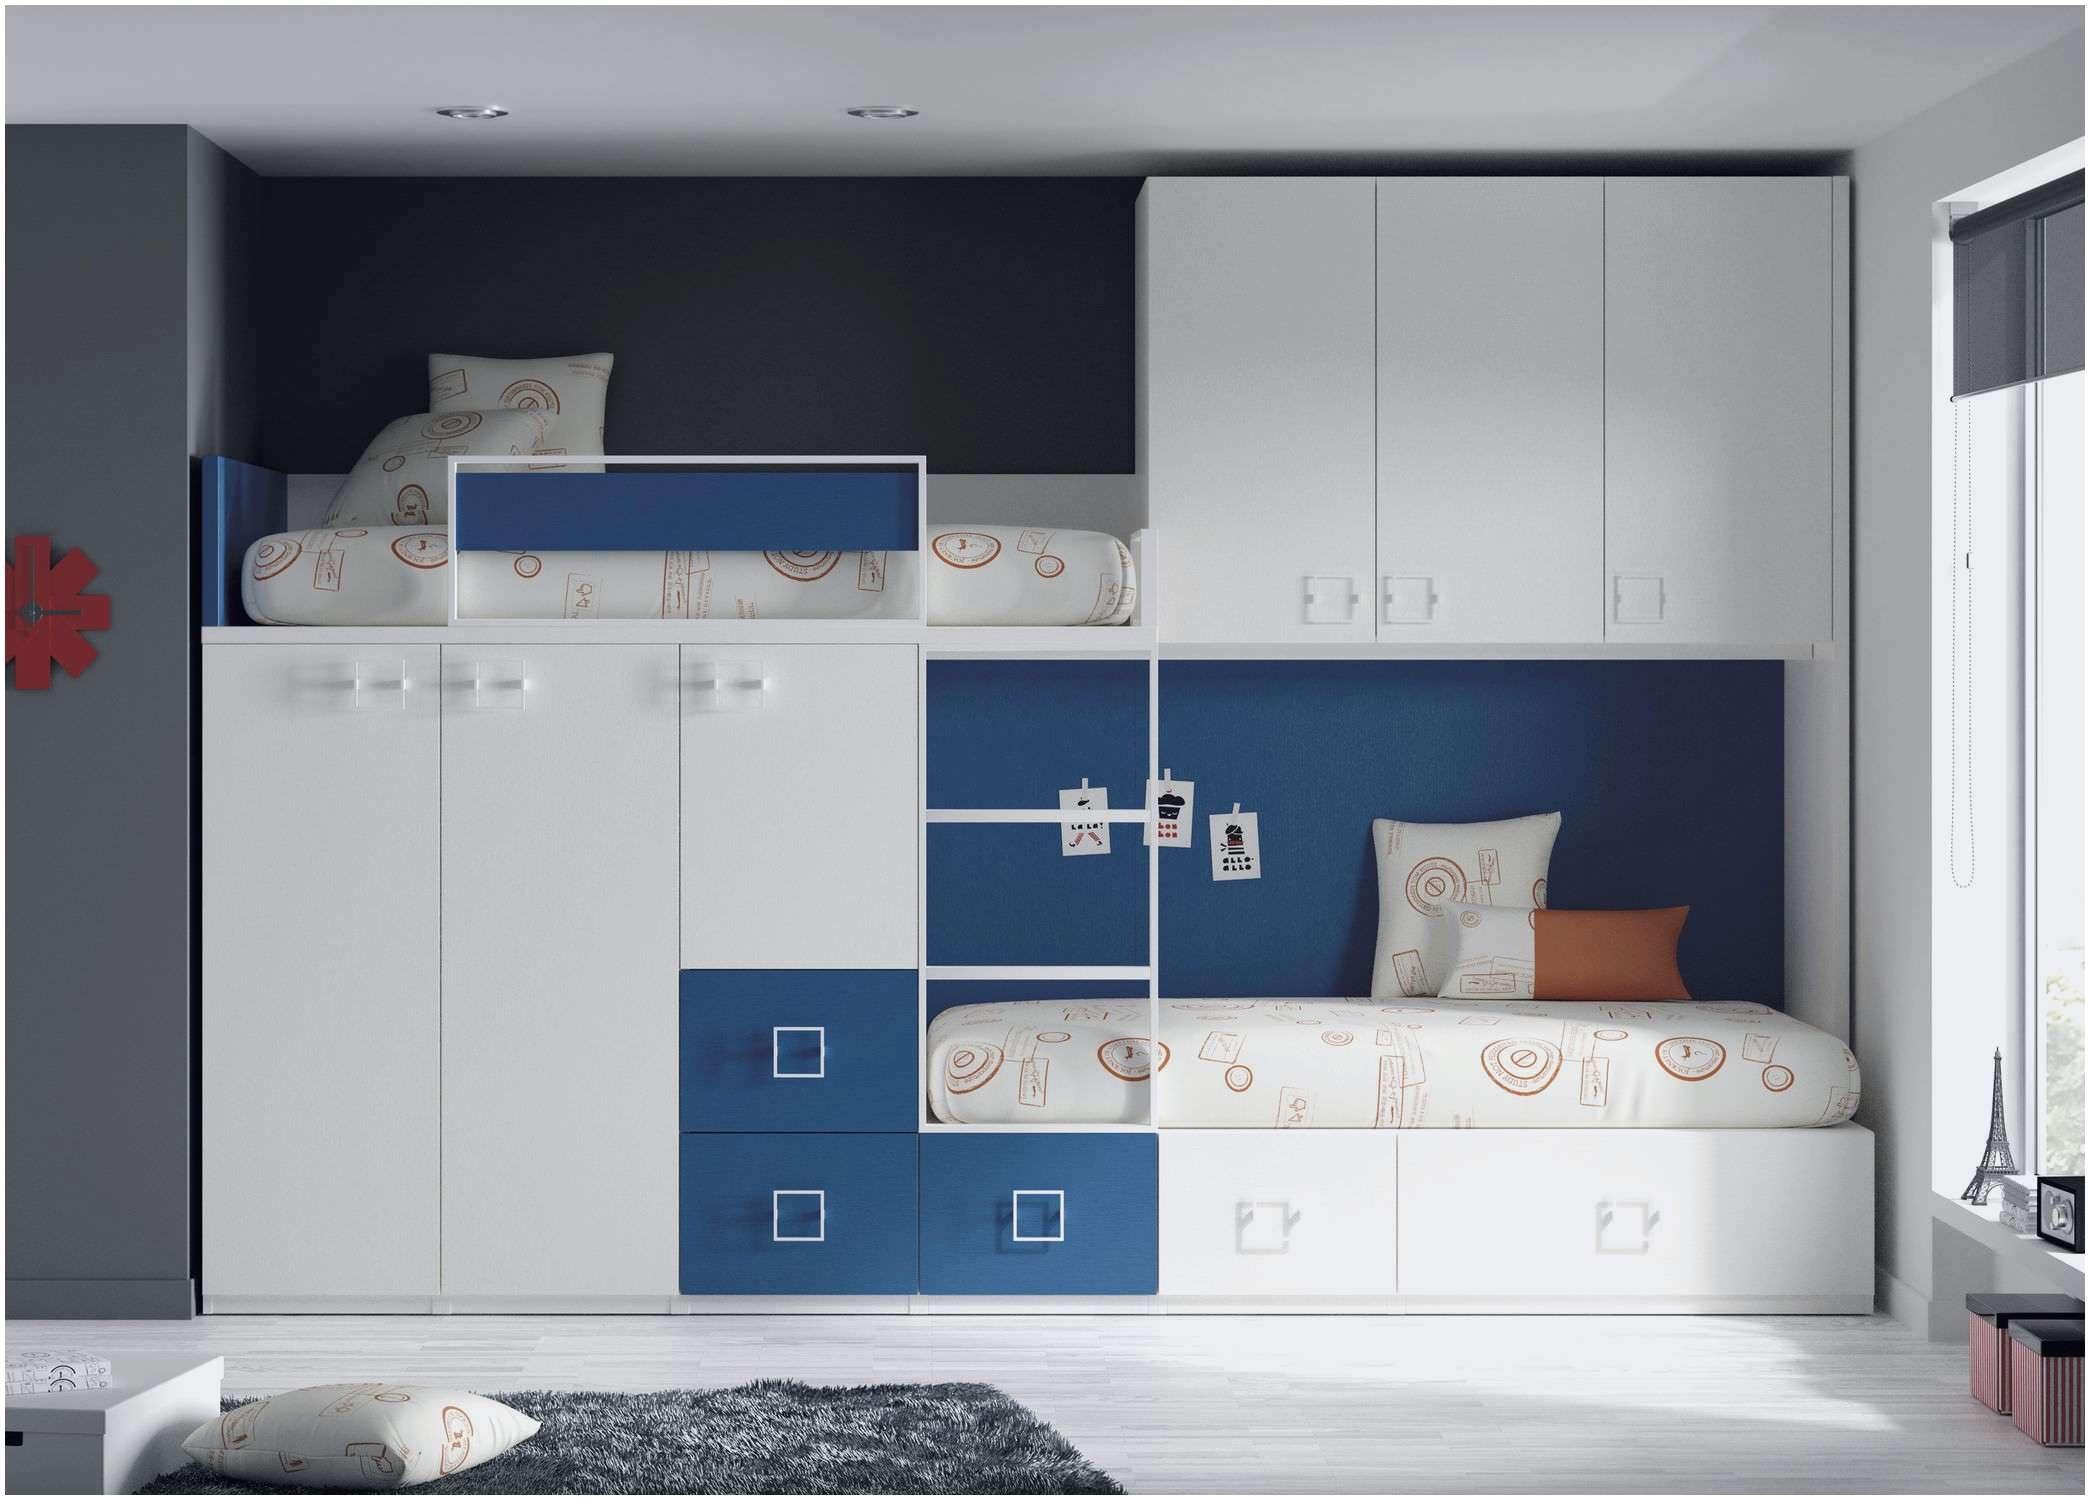 Lit Superposé Pour Adulte Génial Frais Lit Mezzanine Ikea 2 Places Pour Alternative Lit Superposé